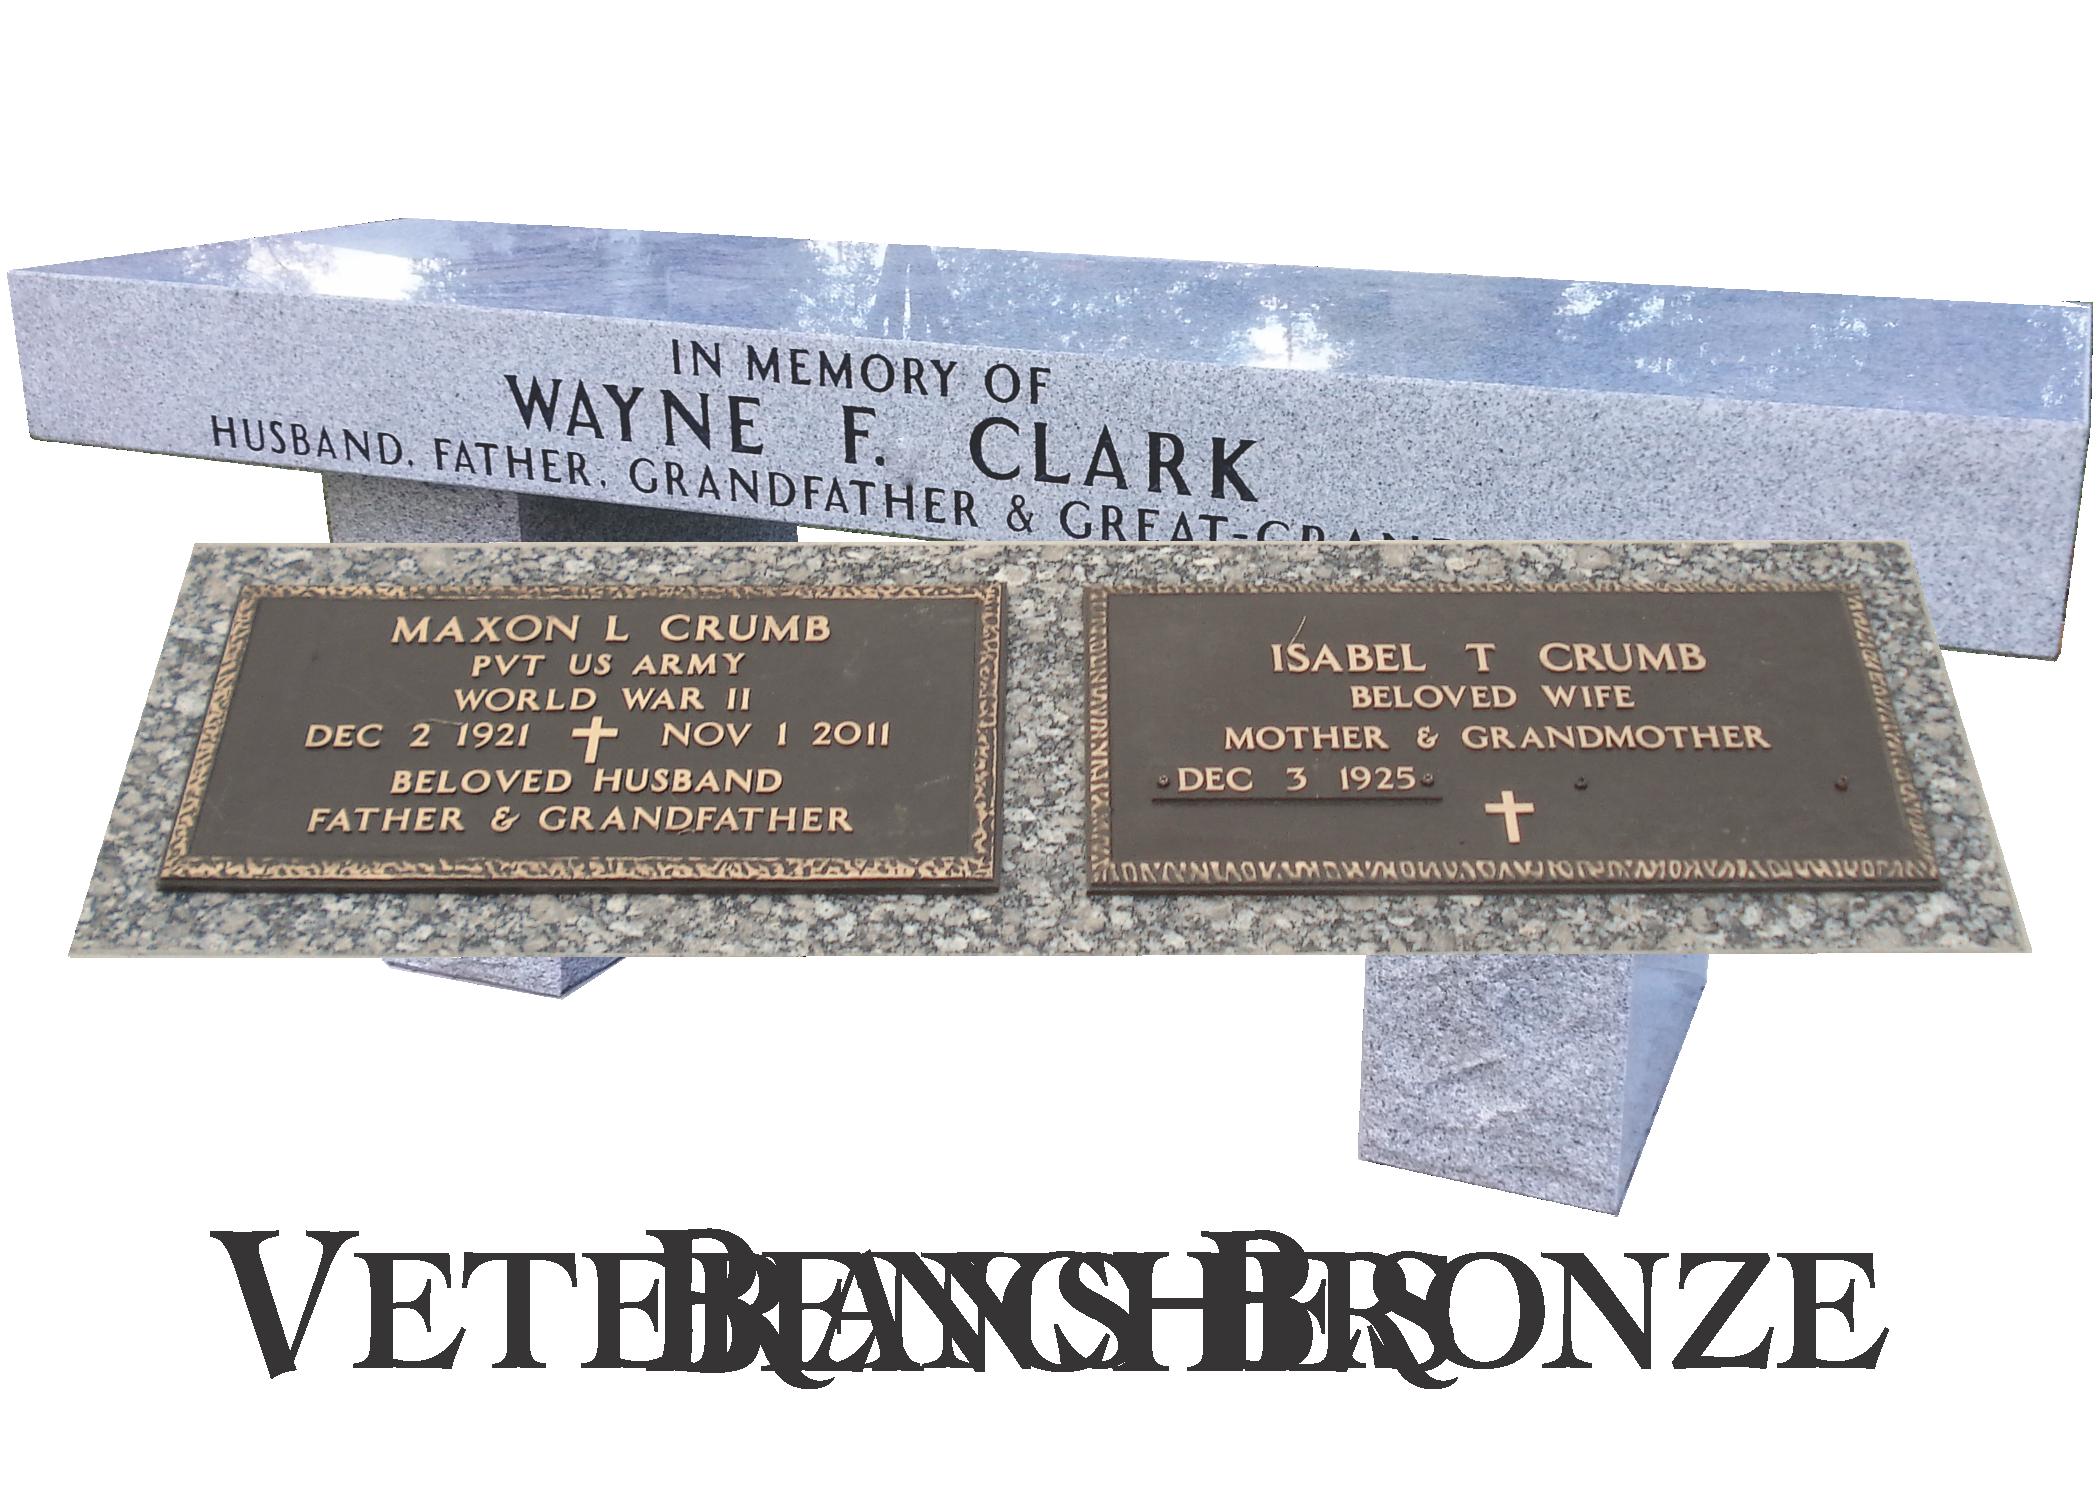 Veterans Bronze